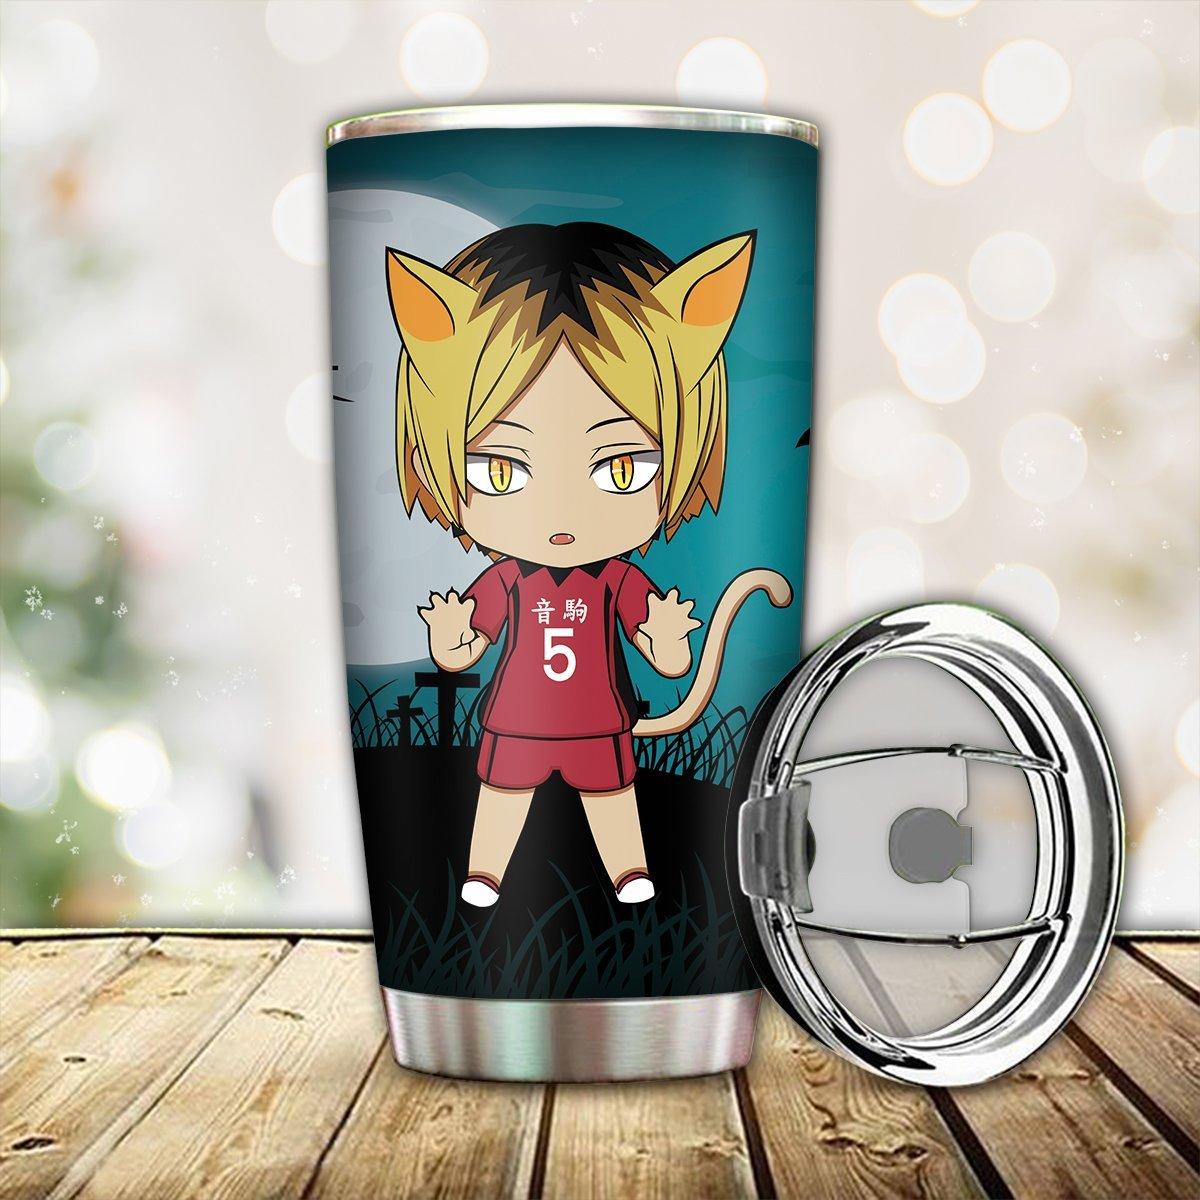 personalized sleepy cat kenma kozume tumbler 992284 - Otaku Treat